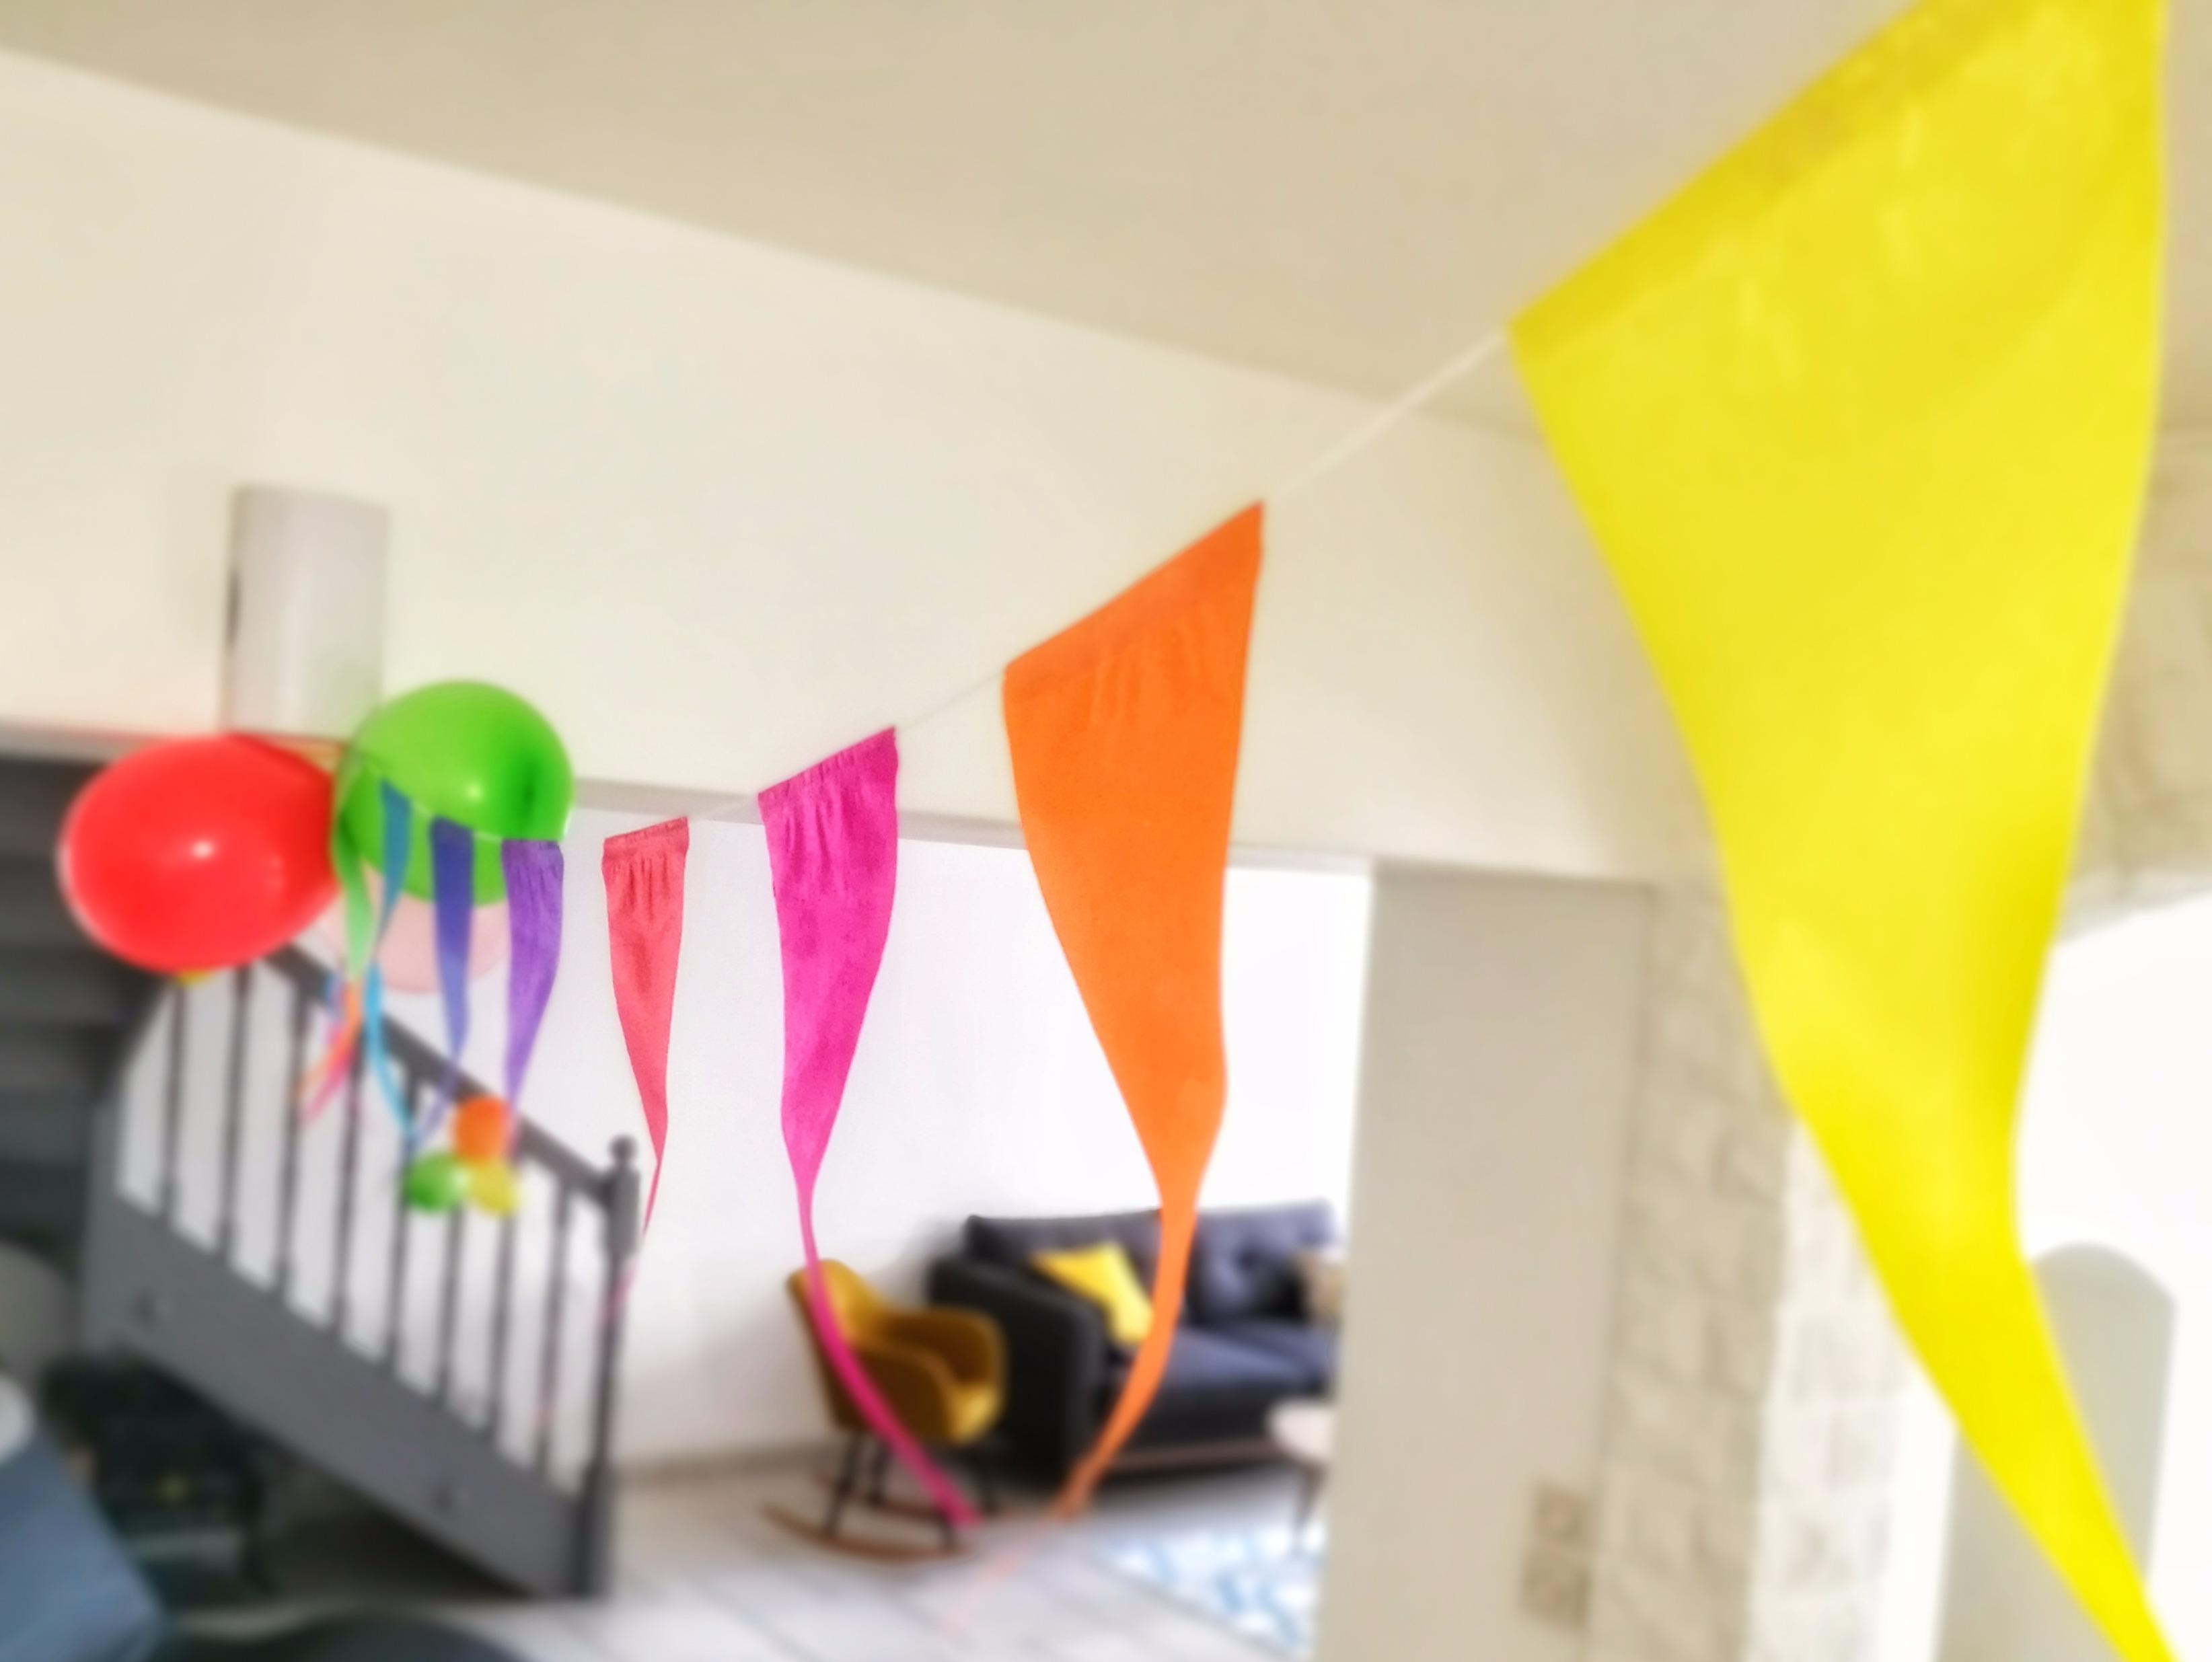 Une fête d'anniversaire sous les couleurs de l'arc-en-ciel